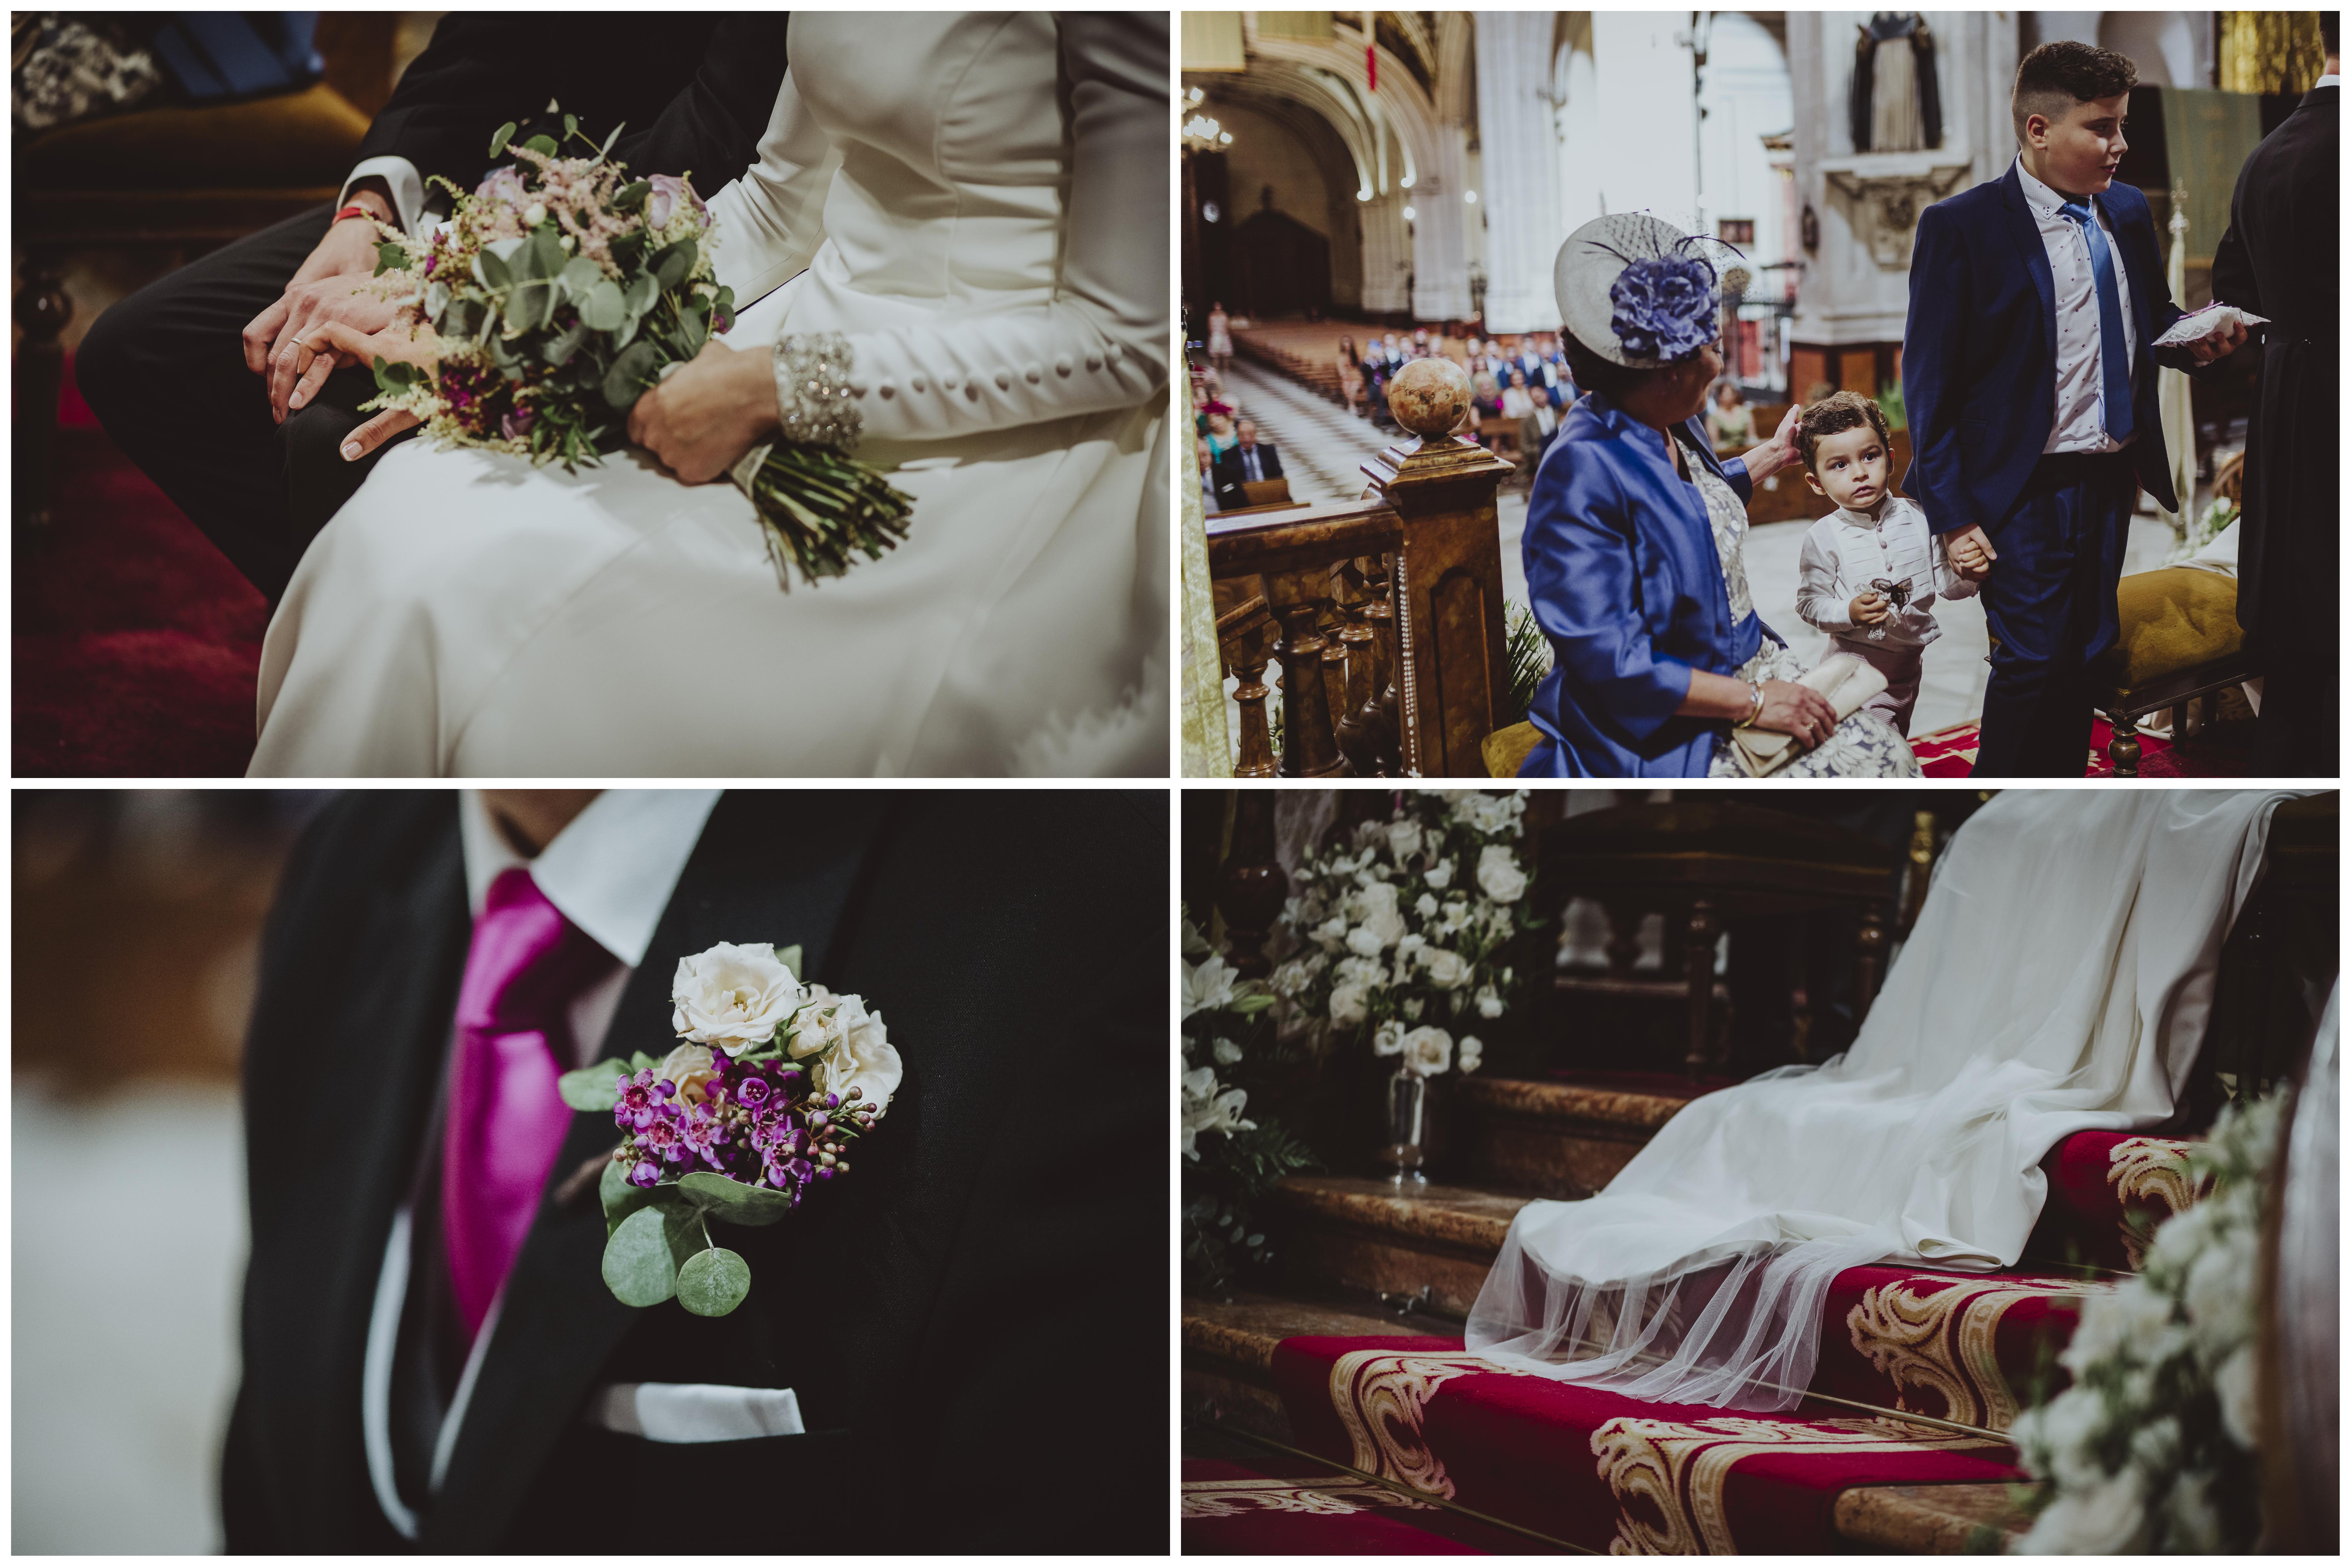 garate-fotografia-de-boda-en-Granada (39)